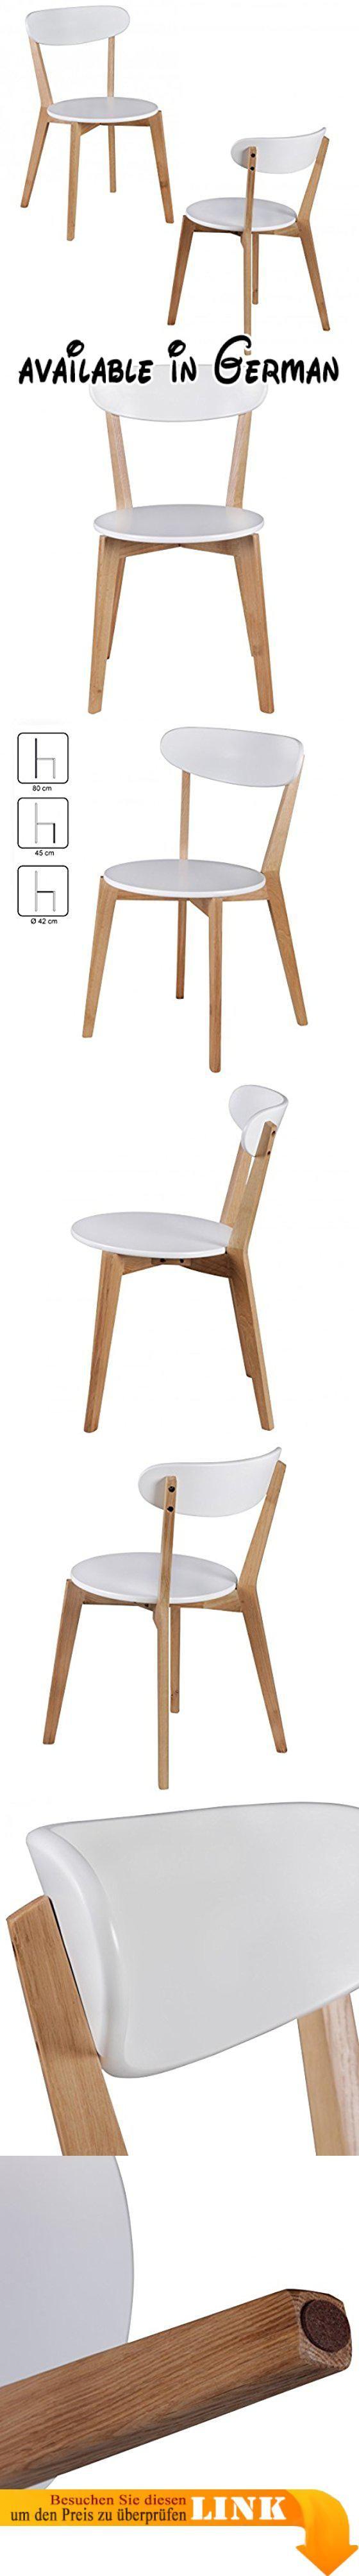 B078KKMLJ3 : 2er Set Esszimmerstühle MDF Weiß Design Holz-Stühle retro Küchenstühle skandinavisch Essstühle Sitzmöbel. 2er Set Holzstühle im Retro Look - Skandinavisches Design als Optisches Highlight. Material: Gestell aus Rubberwood // Sitzfläche und Rücken aus MDF weiß lackiert. Abmessungen ca.: Gesamthöhe: 80 cm // Sitzhöhe: 45 cm // Durchmesser Sitzfläche: 42 cm // Weitere Abmessungen siehe Artikelbeschreibung.. Pflegehinweis: Pflegeleicht - Oberflächen